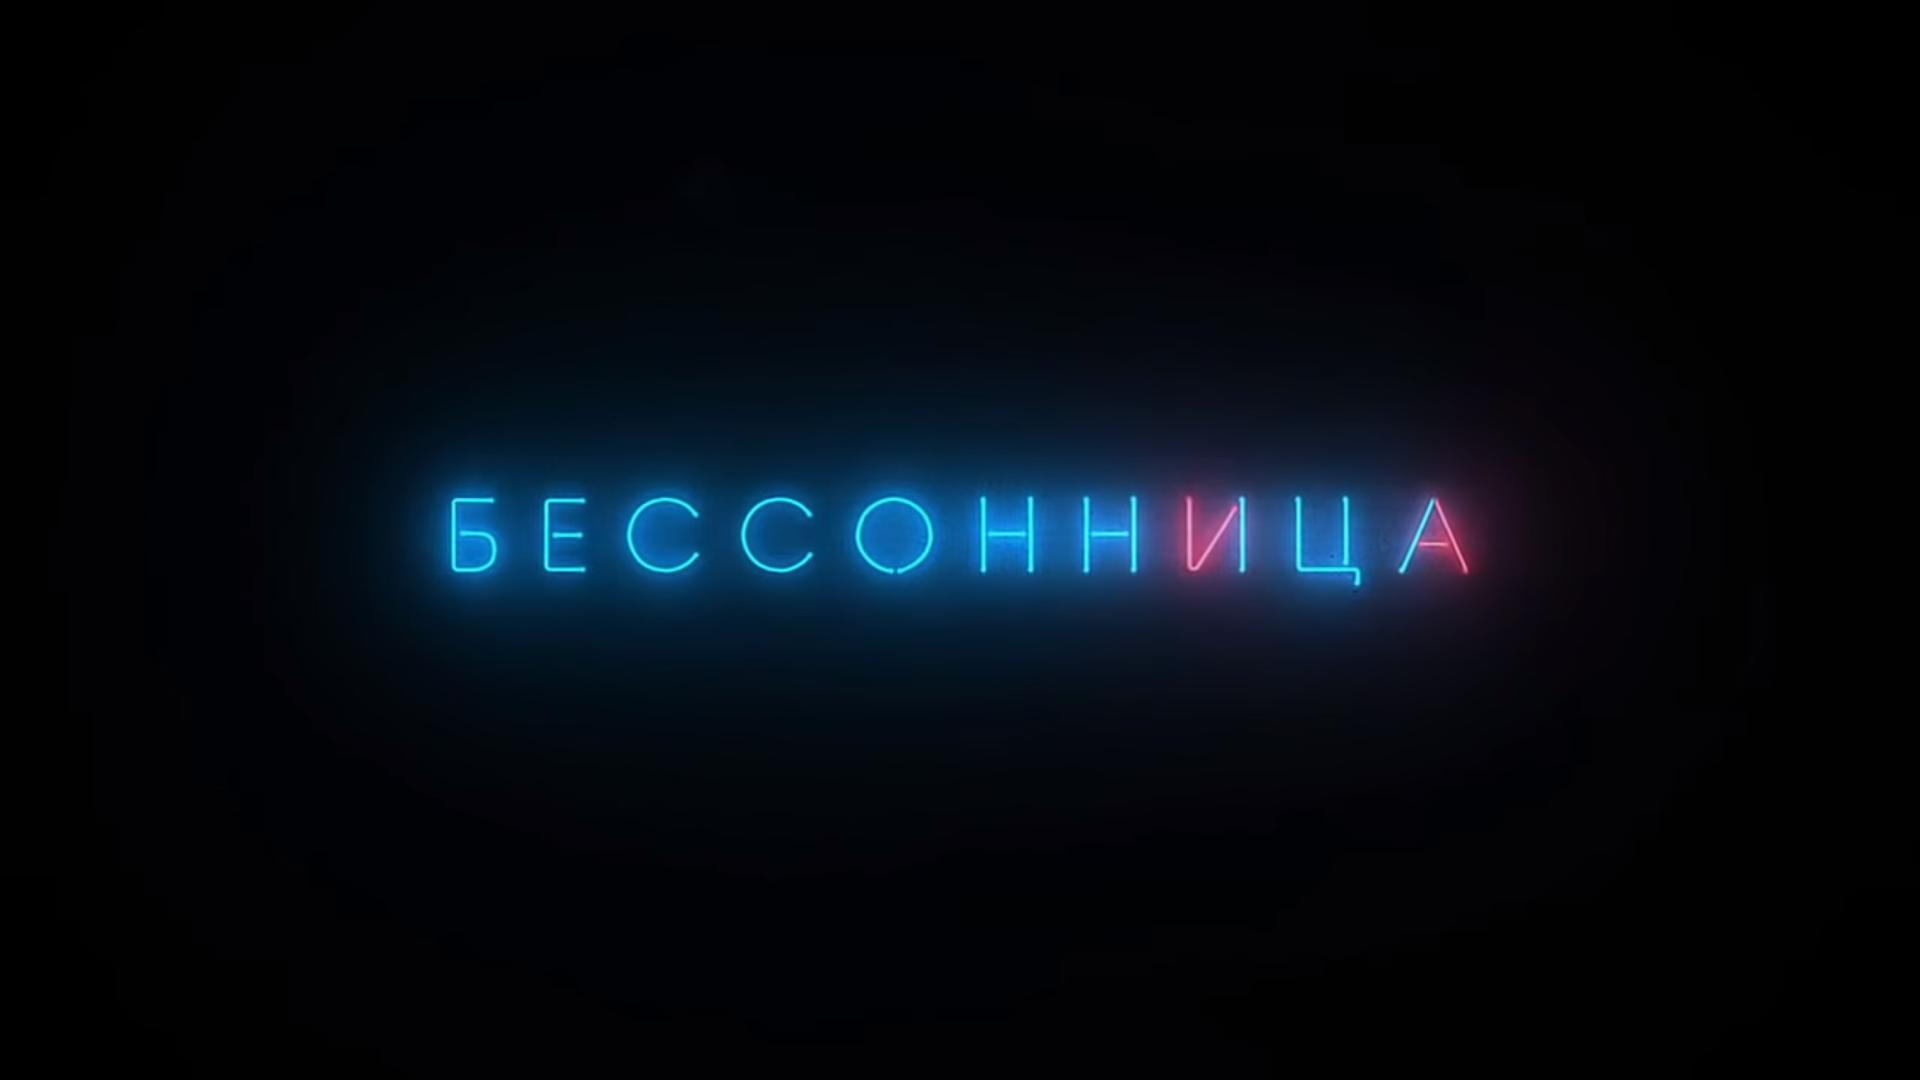 Заставки на россия 2 с участием спортсменок онлайн ставки в казино